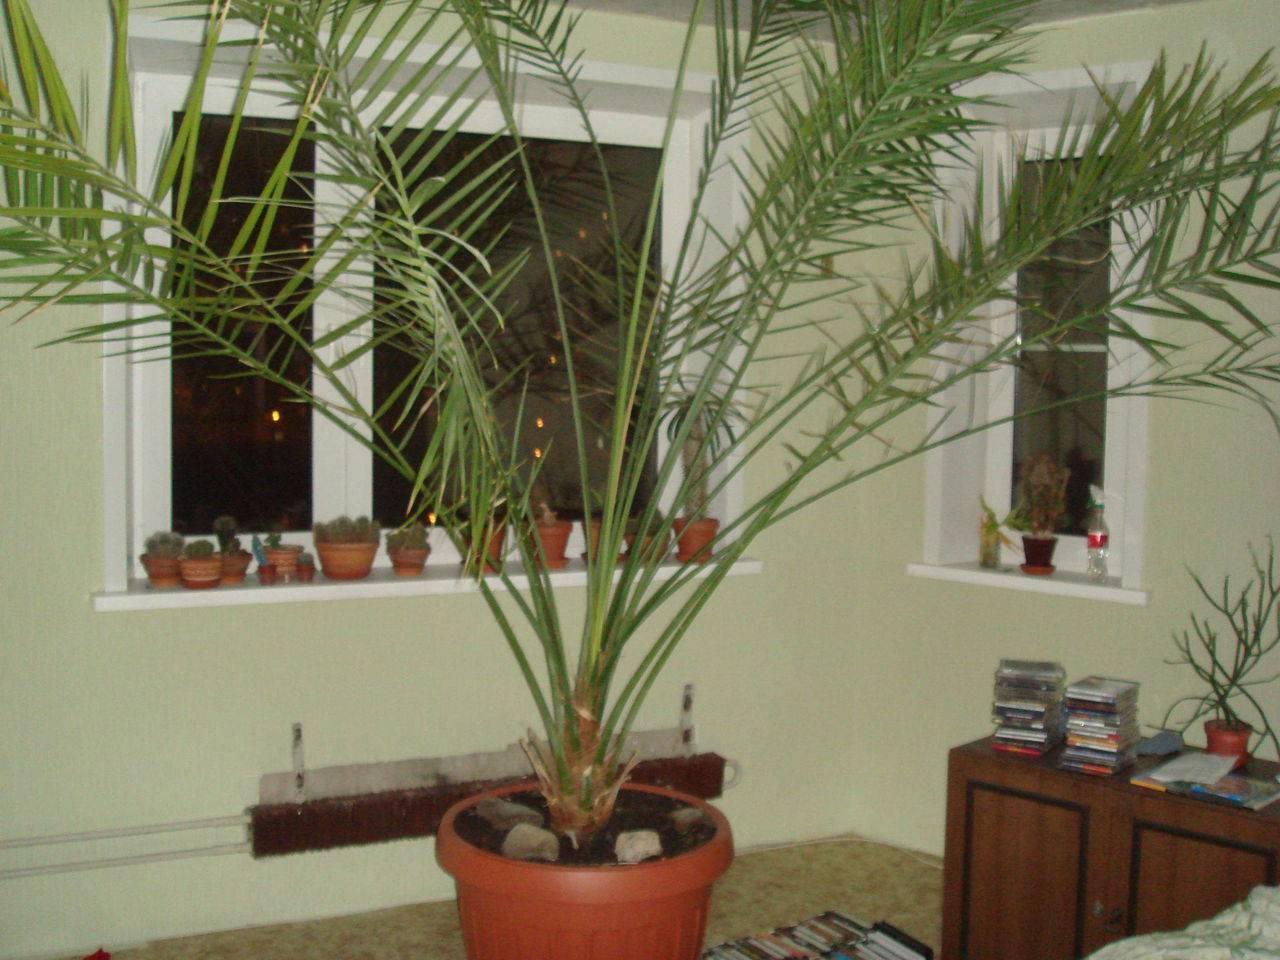 Как вырастить финик? все этапы: от подготовки косточки, до пересадки молоденькой пальмы